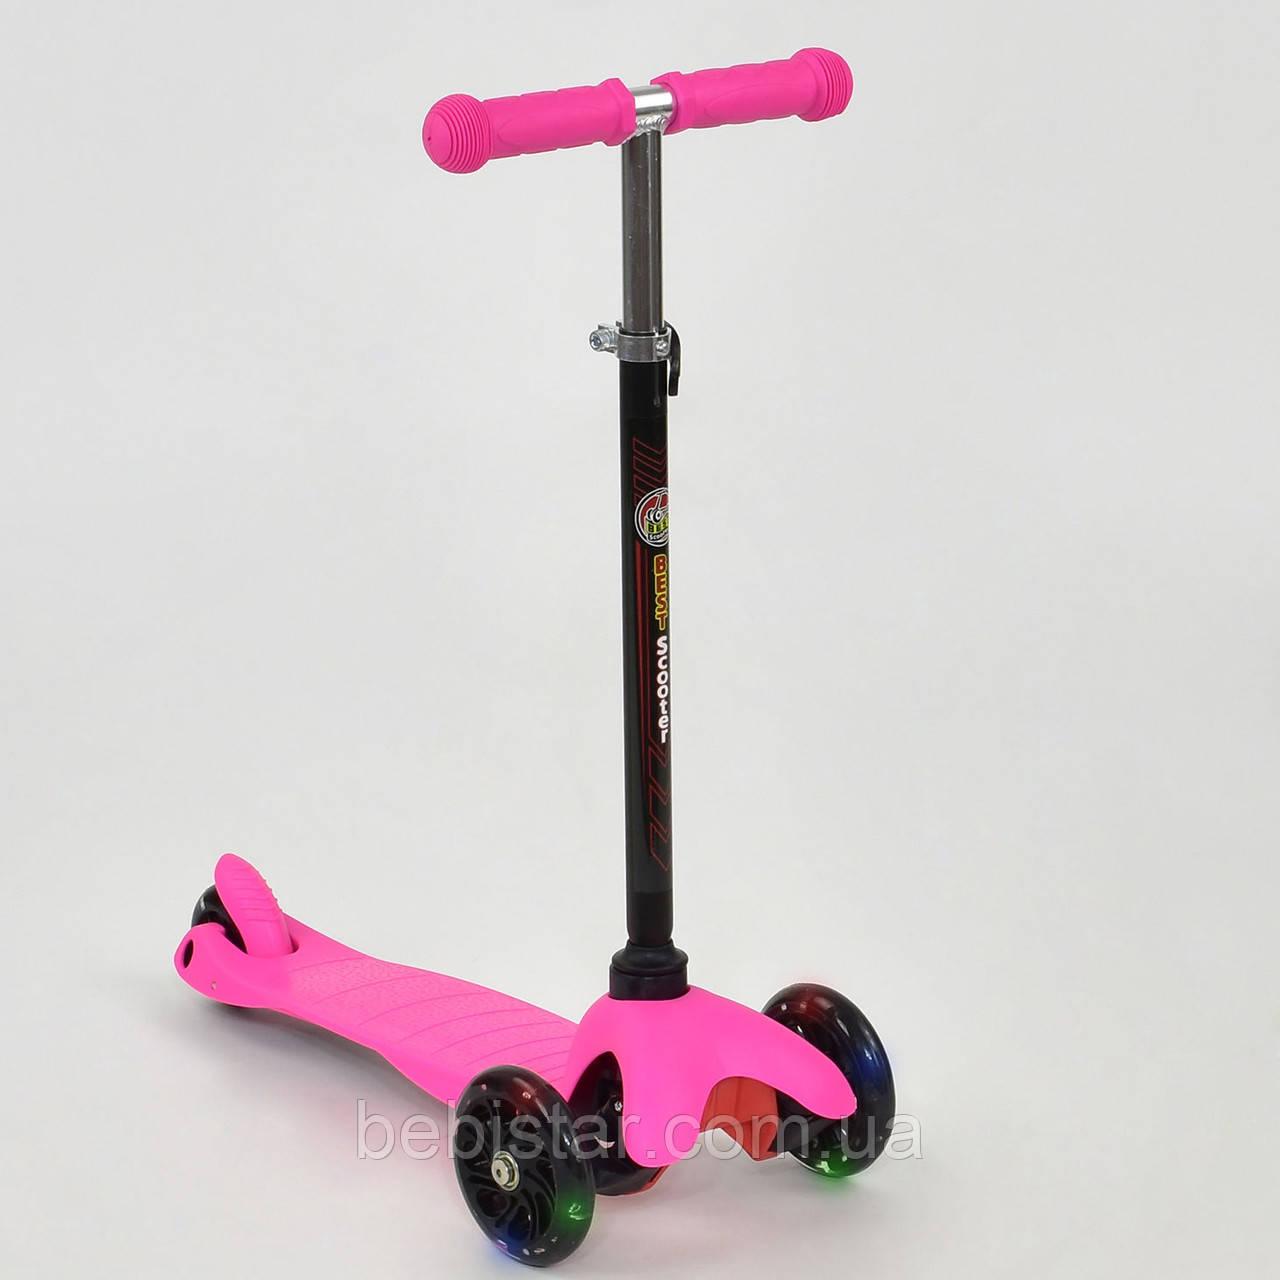 Самокат трехколесный детский светящиеся колеса розовый от 2 до 5 лет